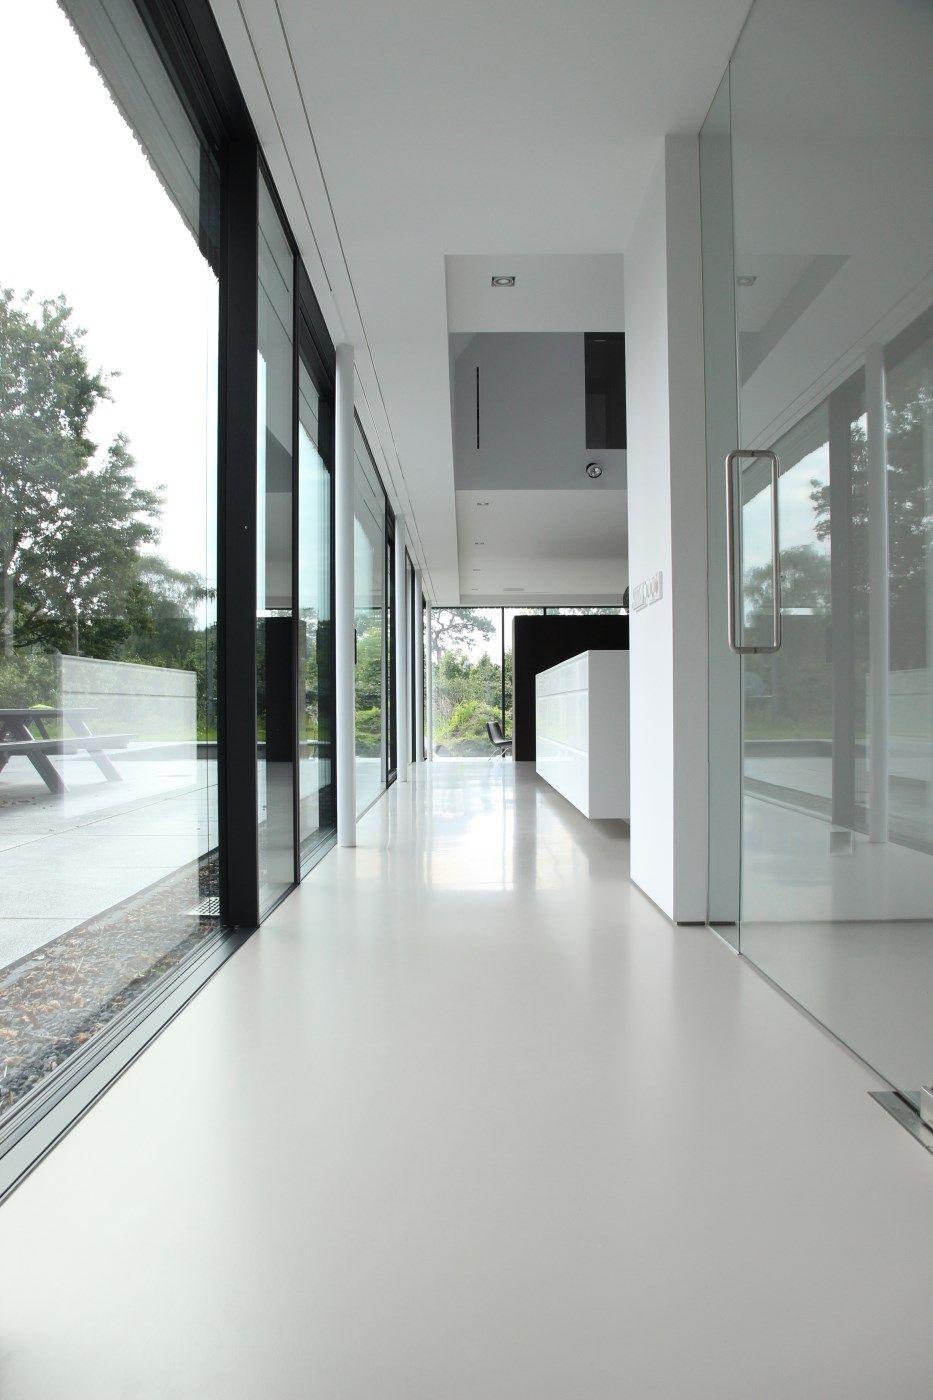 Ideen für küchenschränke ohne türen pin von dutchie  auf floors  pinterest  haus traumhaus und